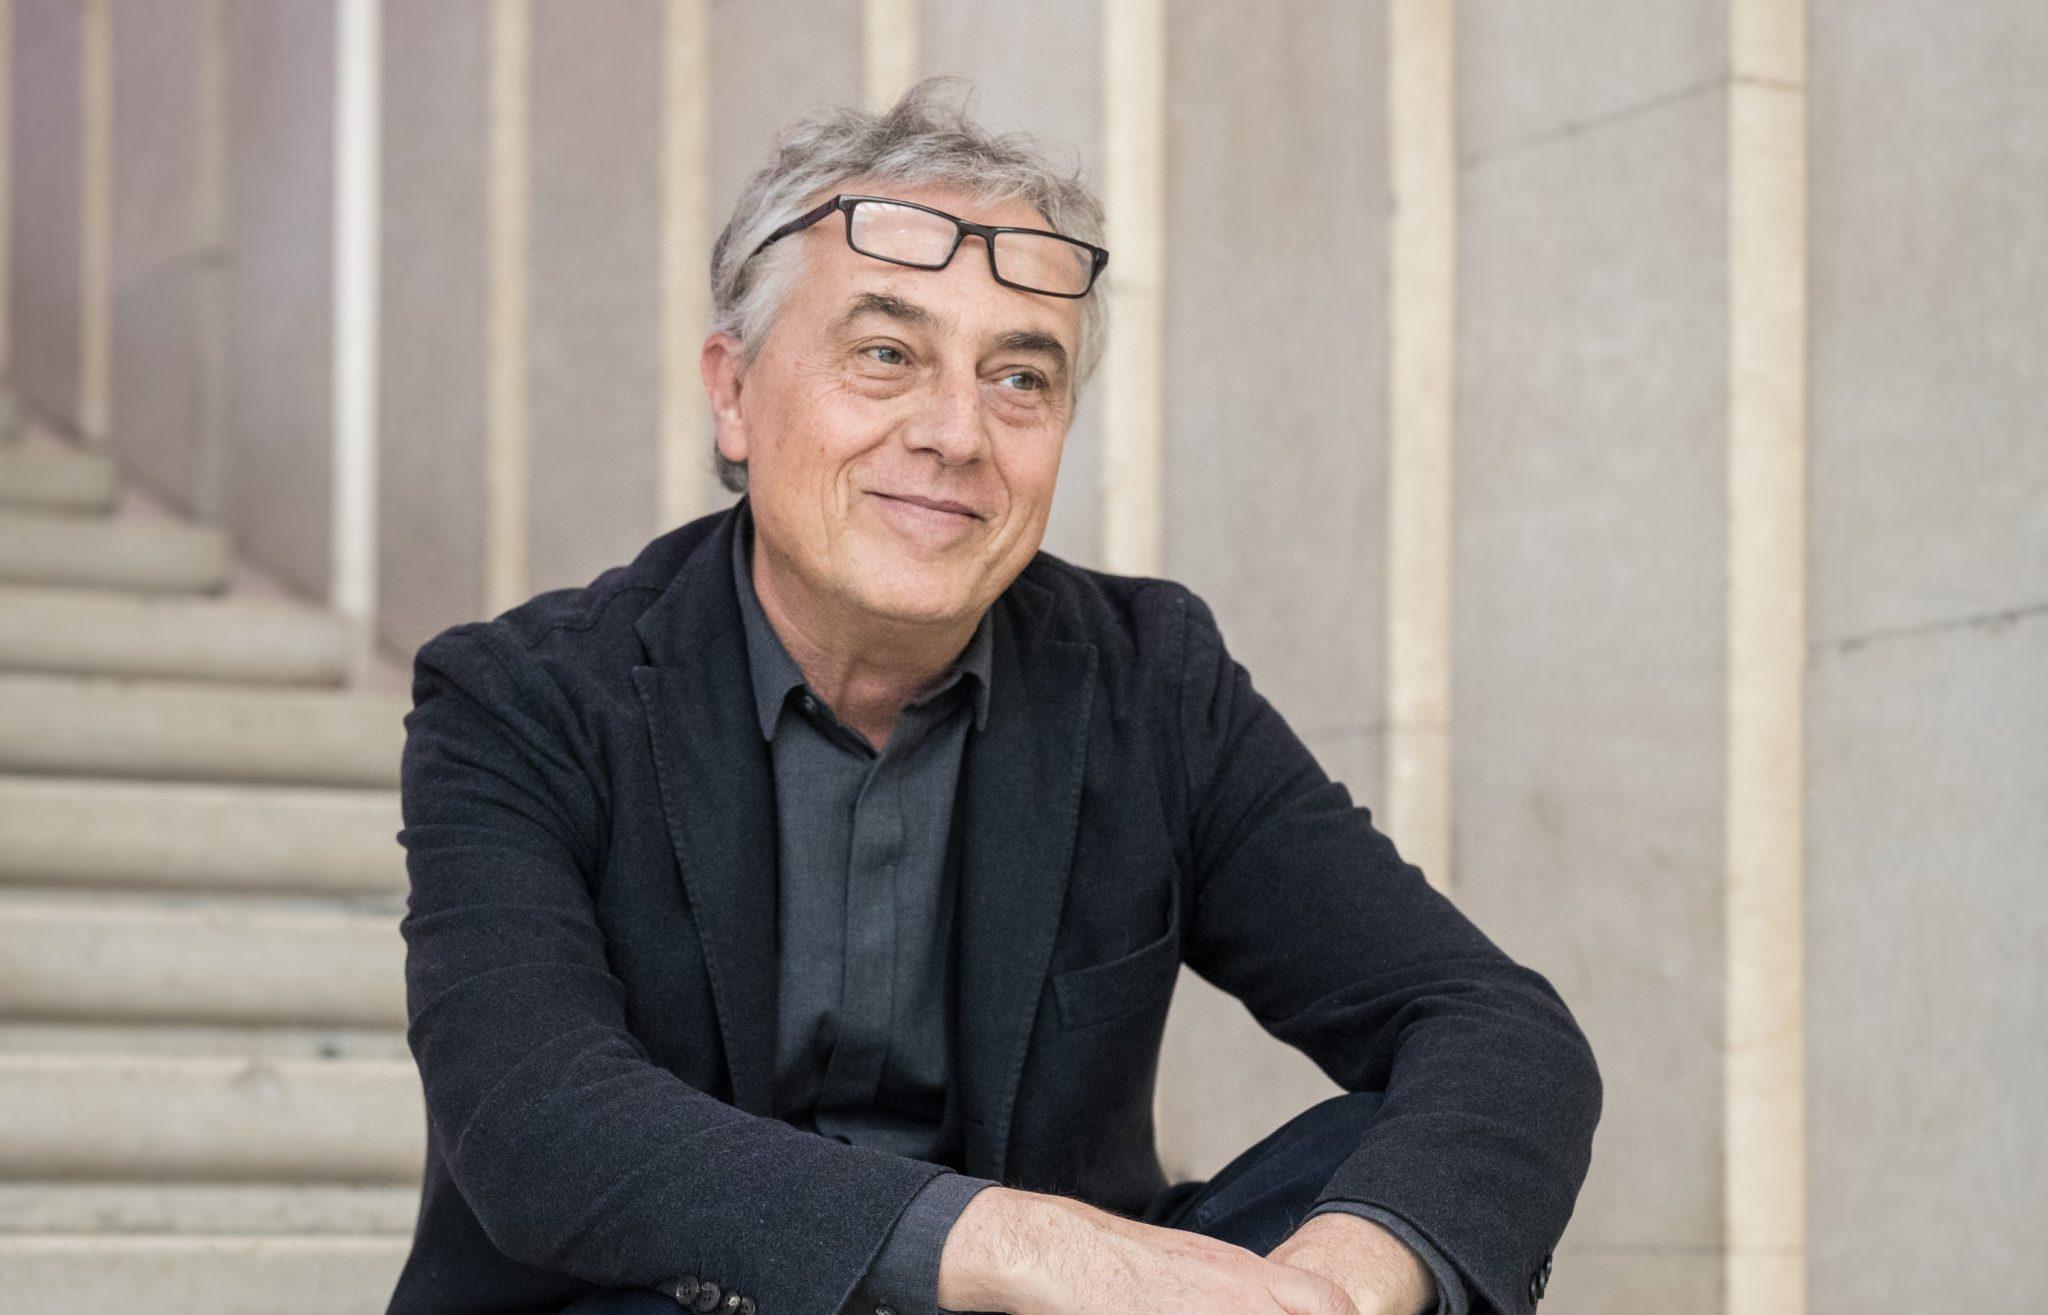 L'architetto Stefano Boeri, al quale abbiamo domandato se Matera finirà come Venezia.